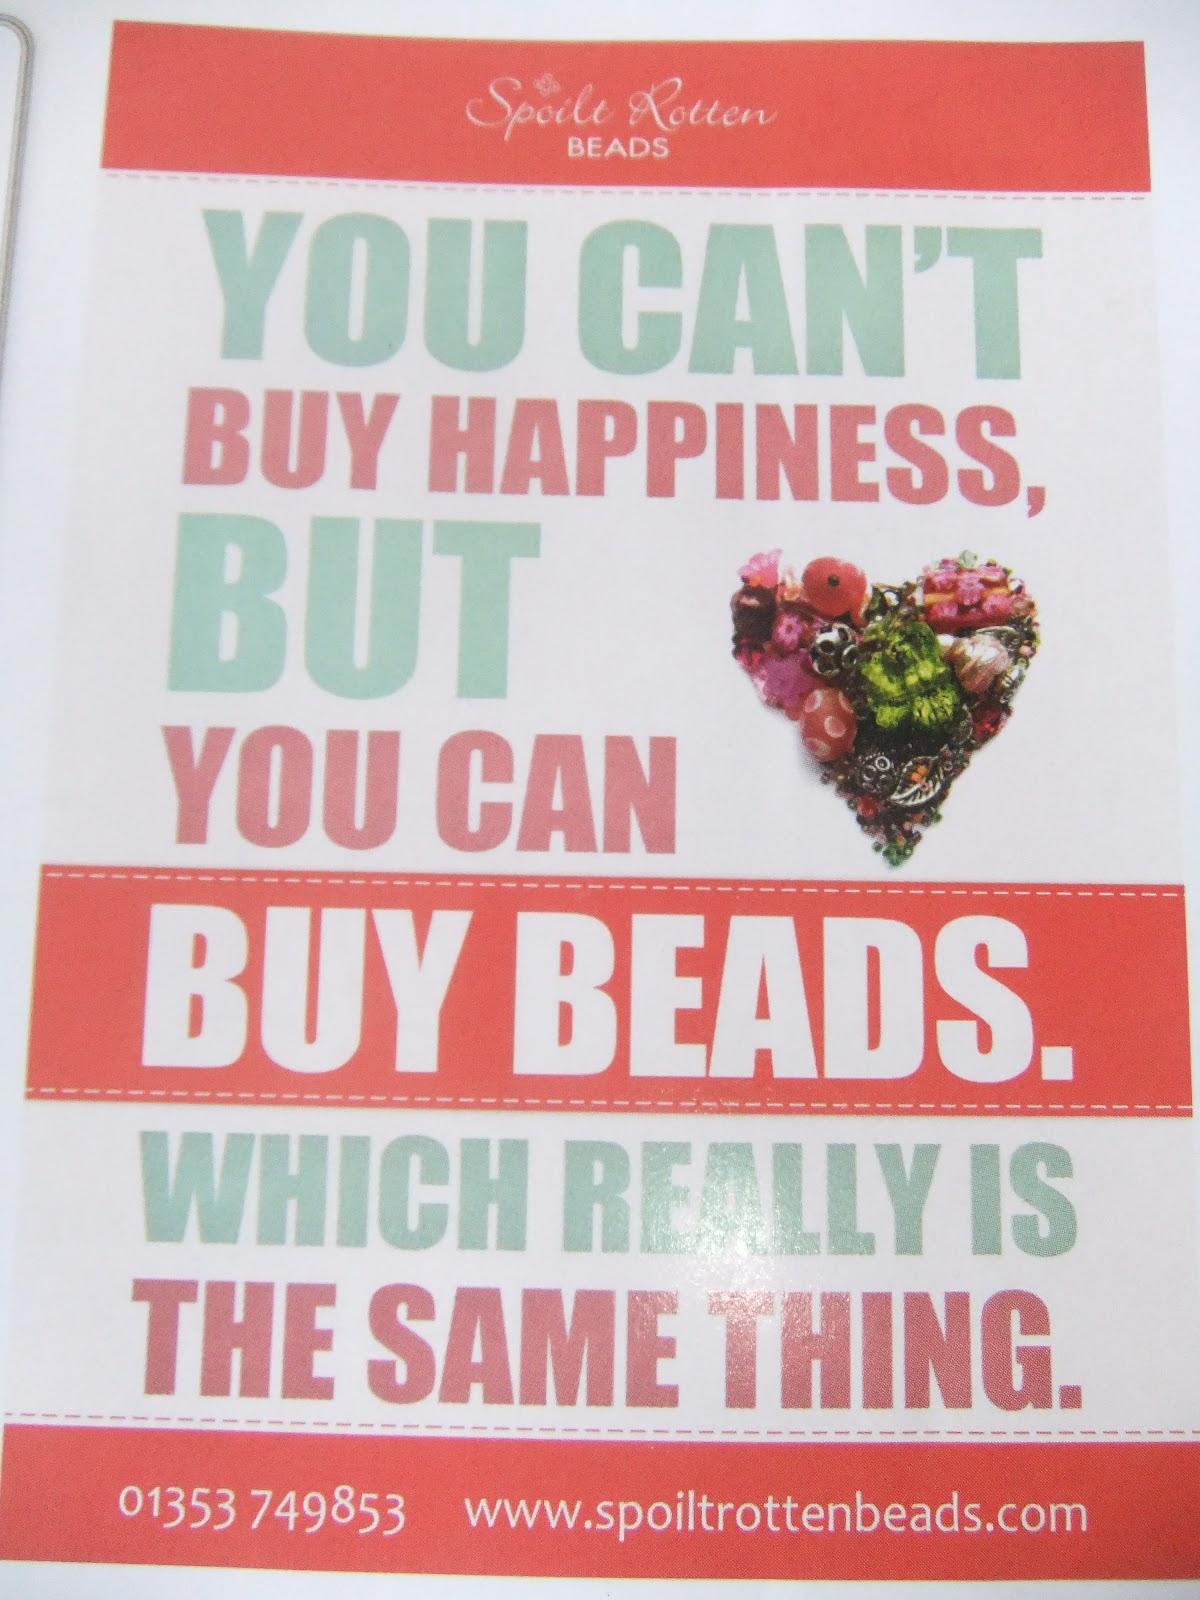 Bead sensation coupon code